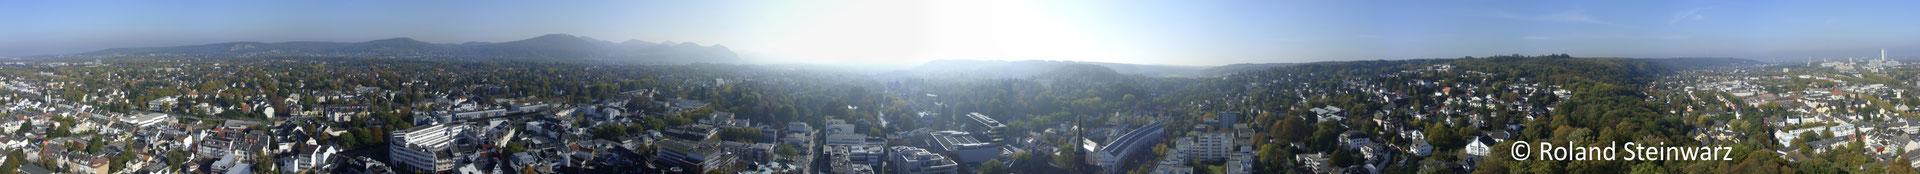 360°-Aussicht von der Godesburg, Bonn. 13 Einzelfotos